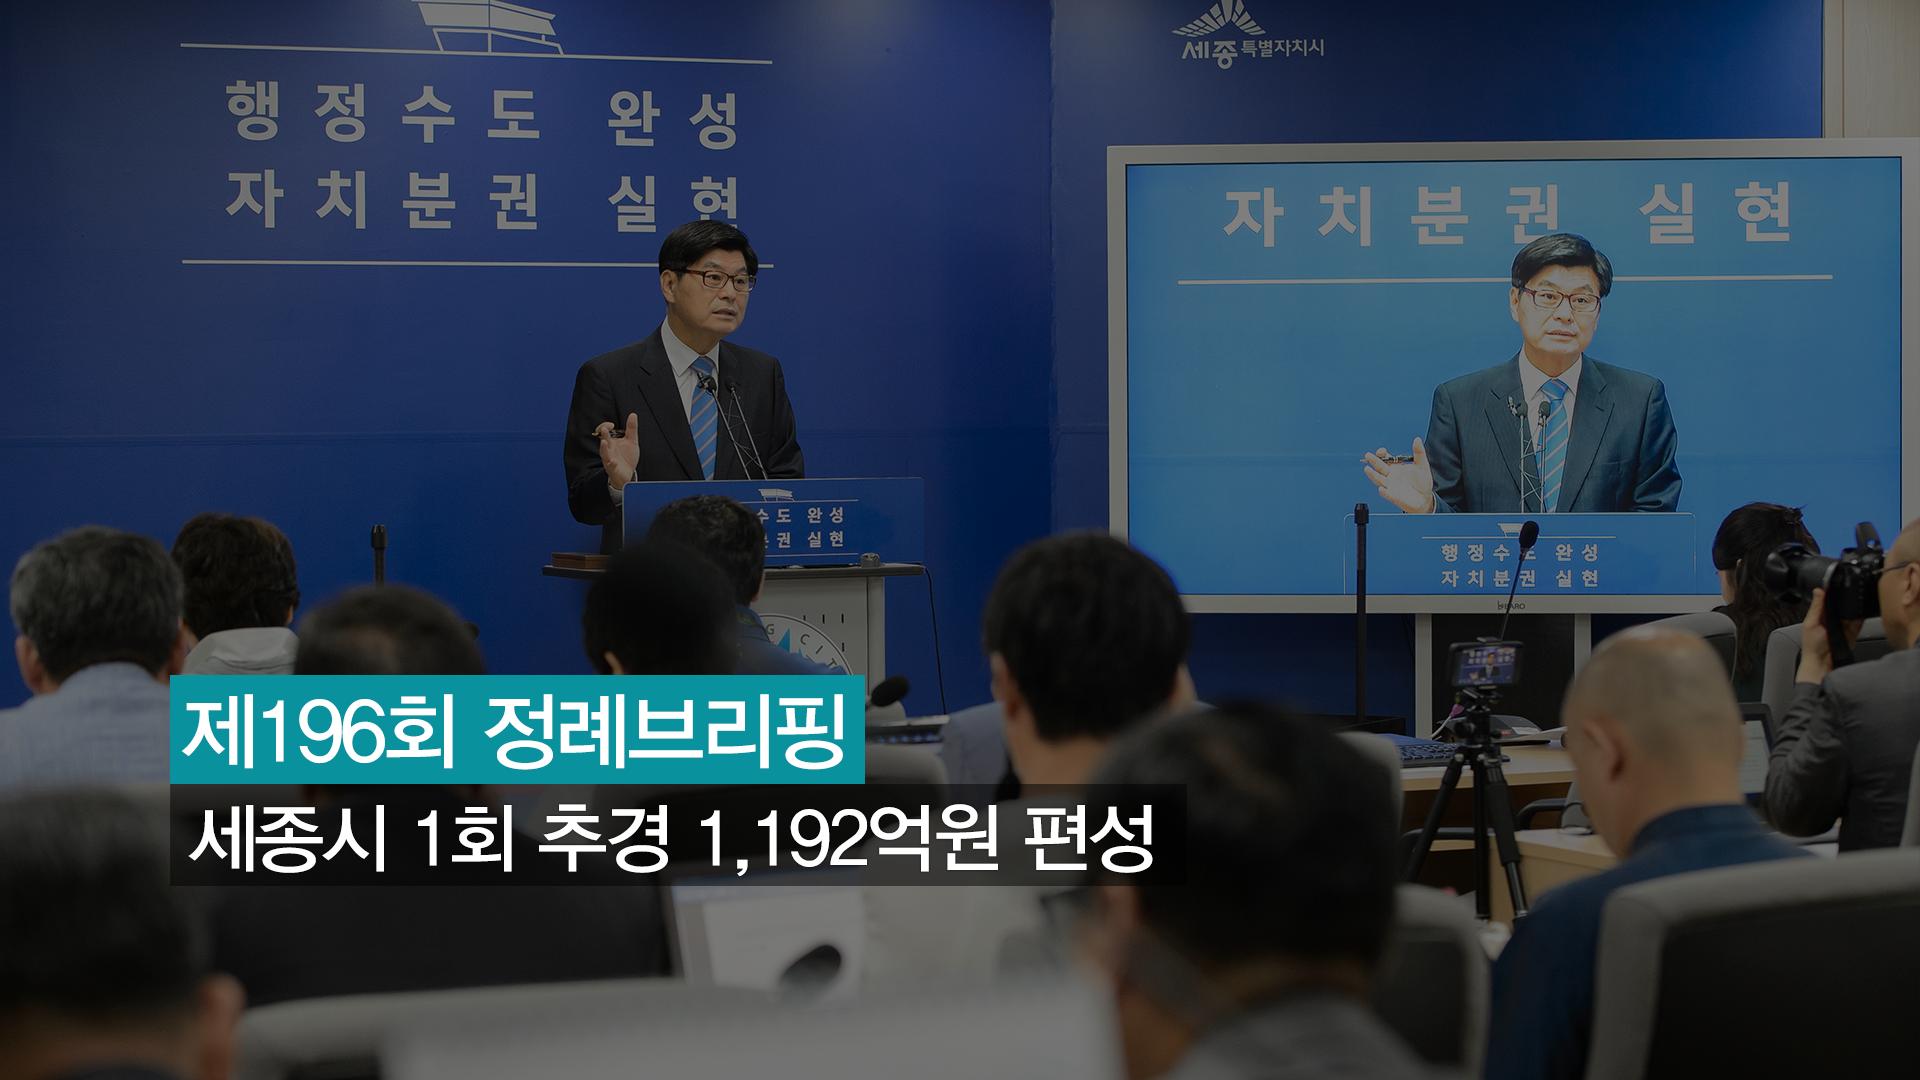 <196번째 정례브리핑> 세종시 1회 추경 1,192억원 편성